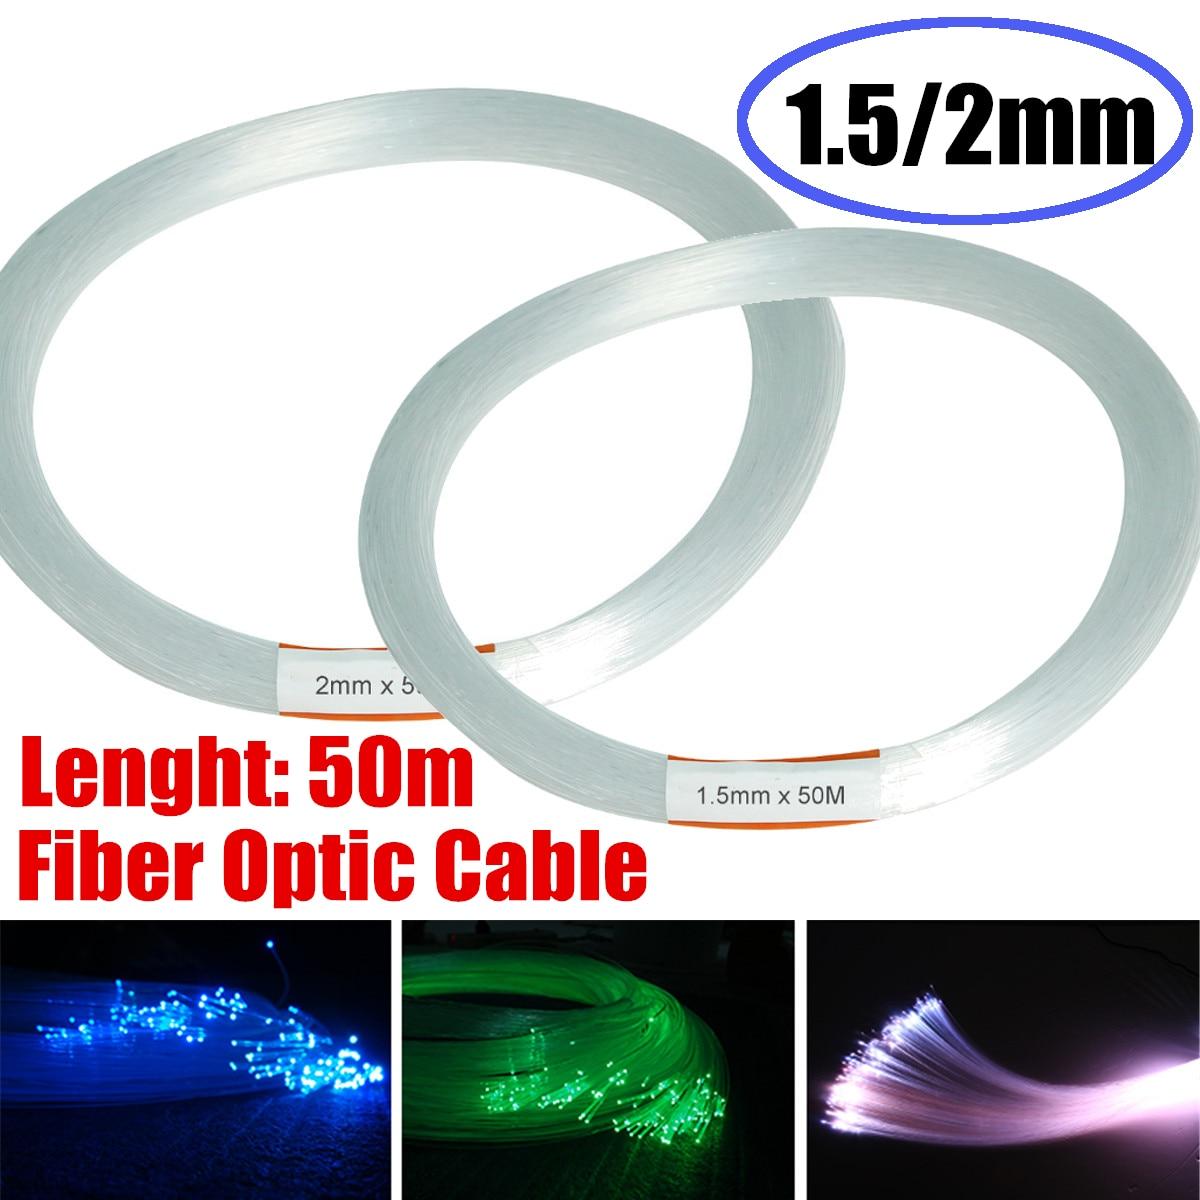 Işıklar ve Aydınlatma'ten Optik Fiber Işıklar'de Temizle PMMA Optik Kablo Fiber Işık 50 m/164ft End Büyümek led ışık Kılavuz Seti DIY Tatil Ticari Aydınlatma 1.5 mm/2mm Noel title=